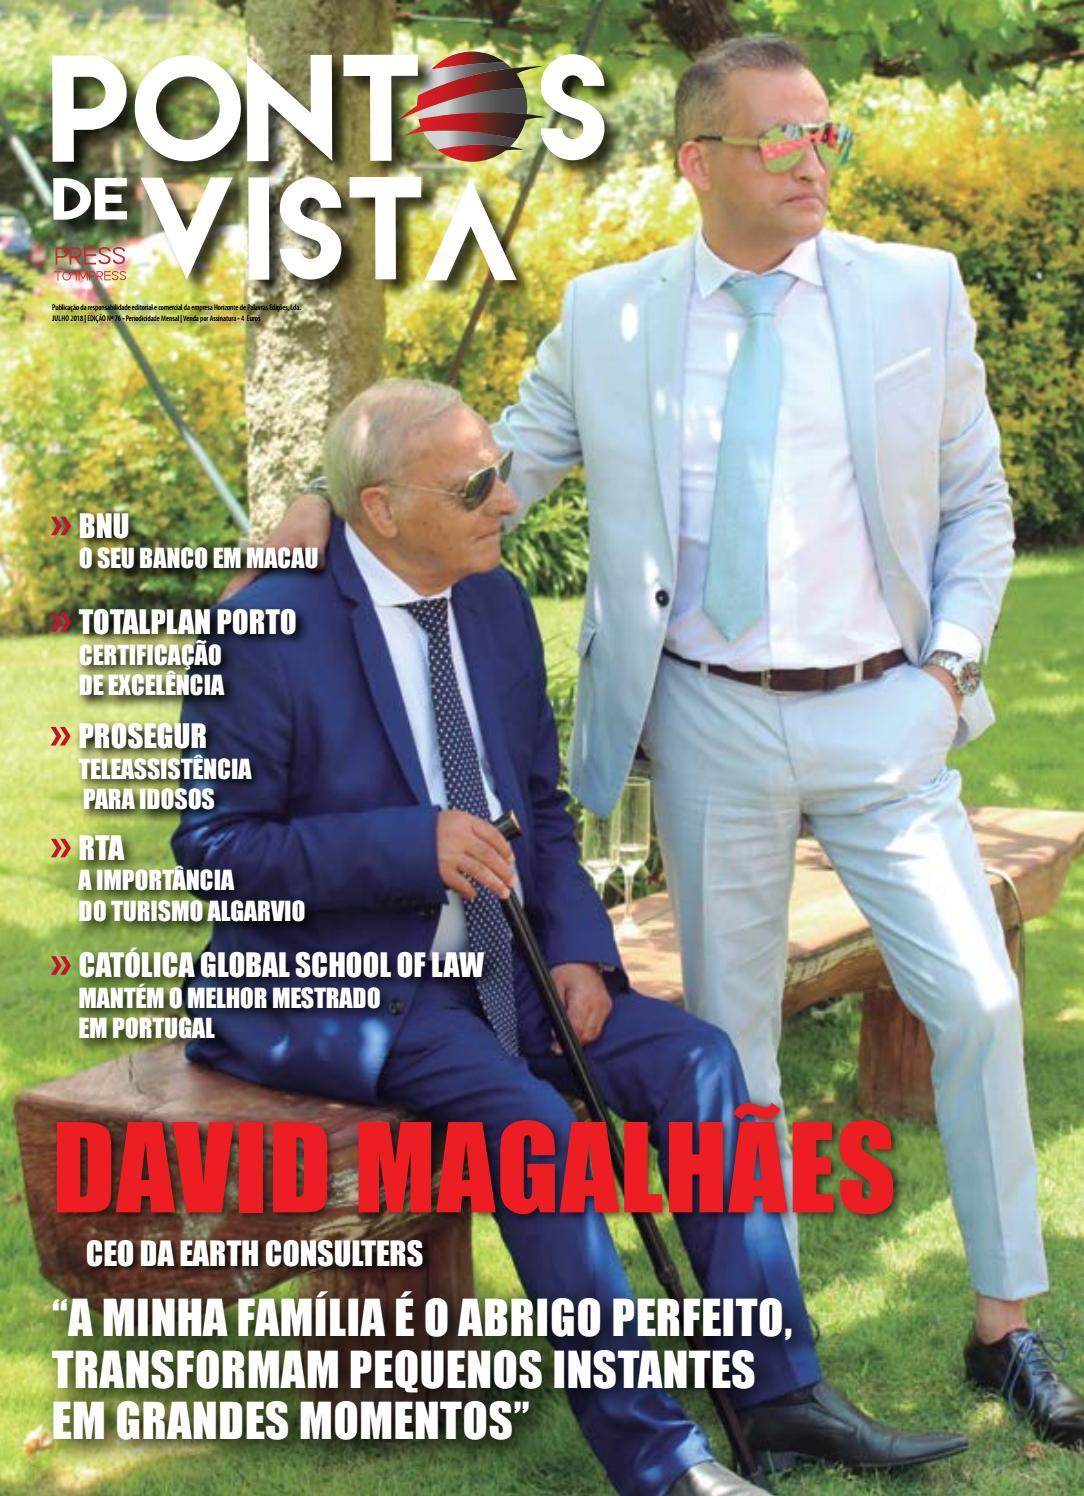 Revista Pontos de Vista Edição 76 by Revista Pontos de Vista - issuu 6e2e9aa58c98